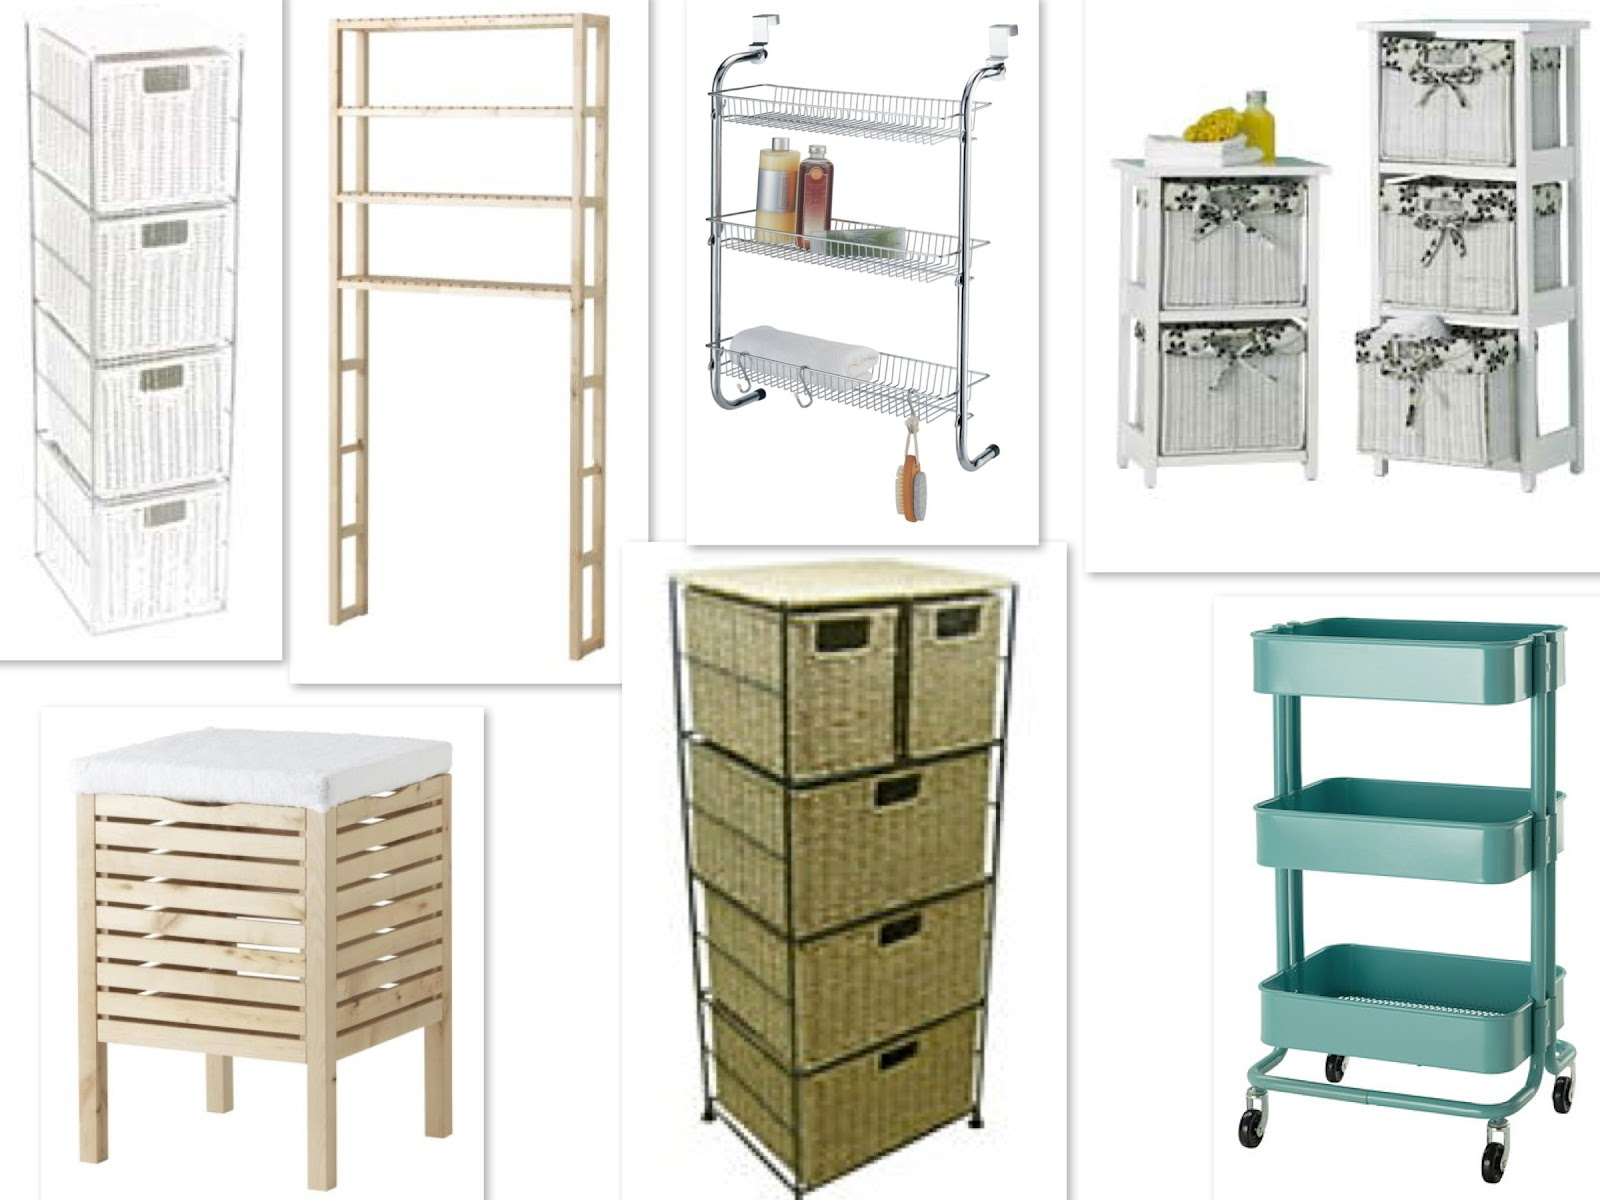 lemonade pockets bathroom storage. Black Bedroom Furniture Sets. Home Design Ideas